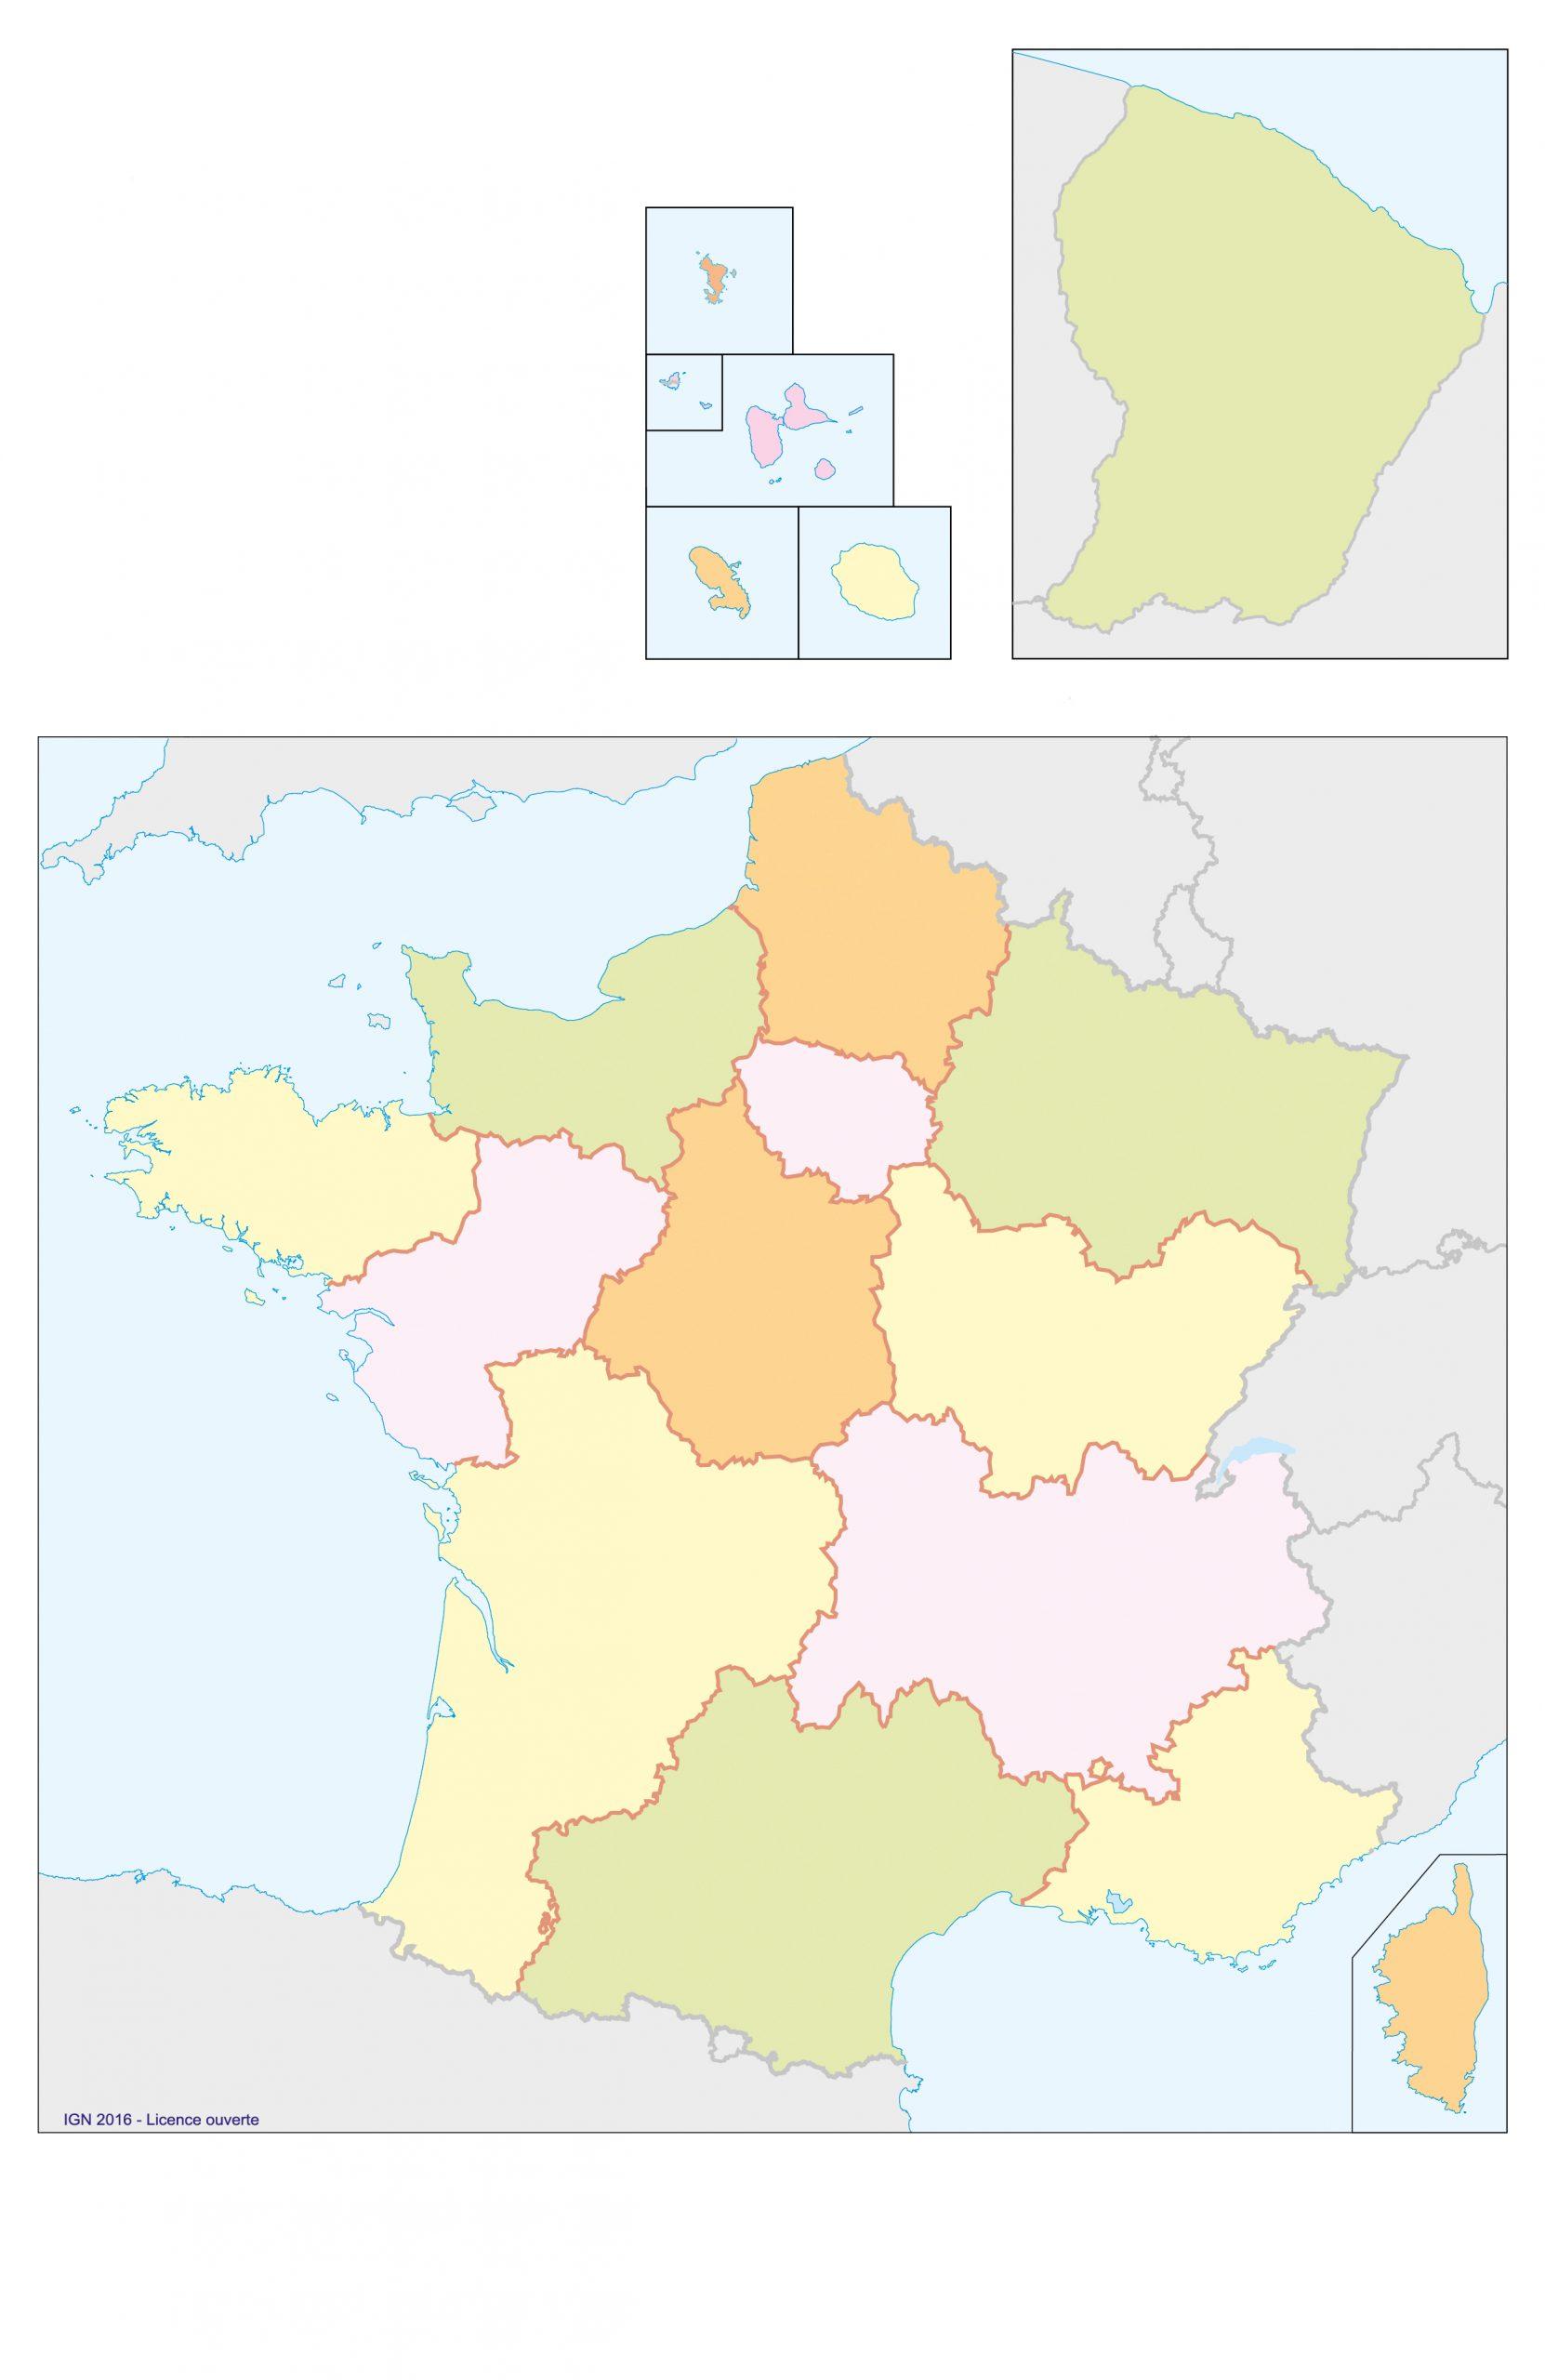 Fonds De Cartes De France, Ign | Webzine+ dedans Carte De France Vierge Nouvelles Régions